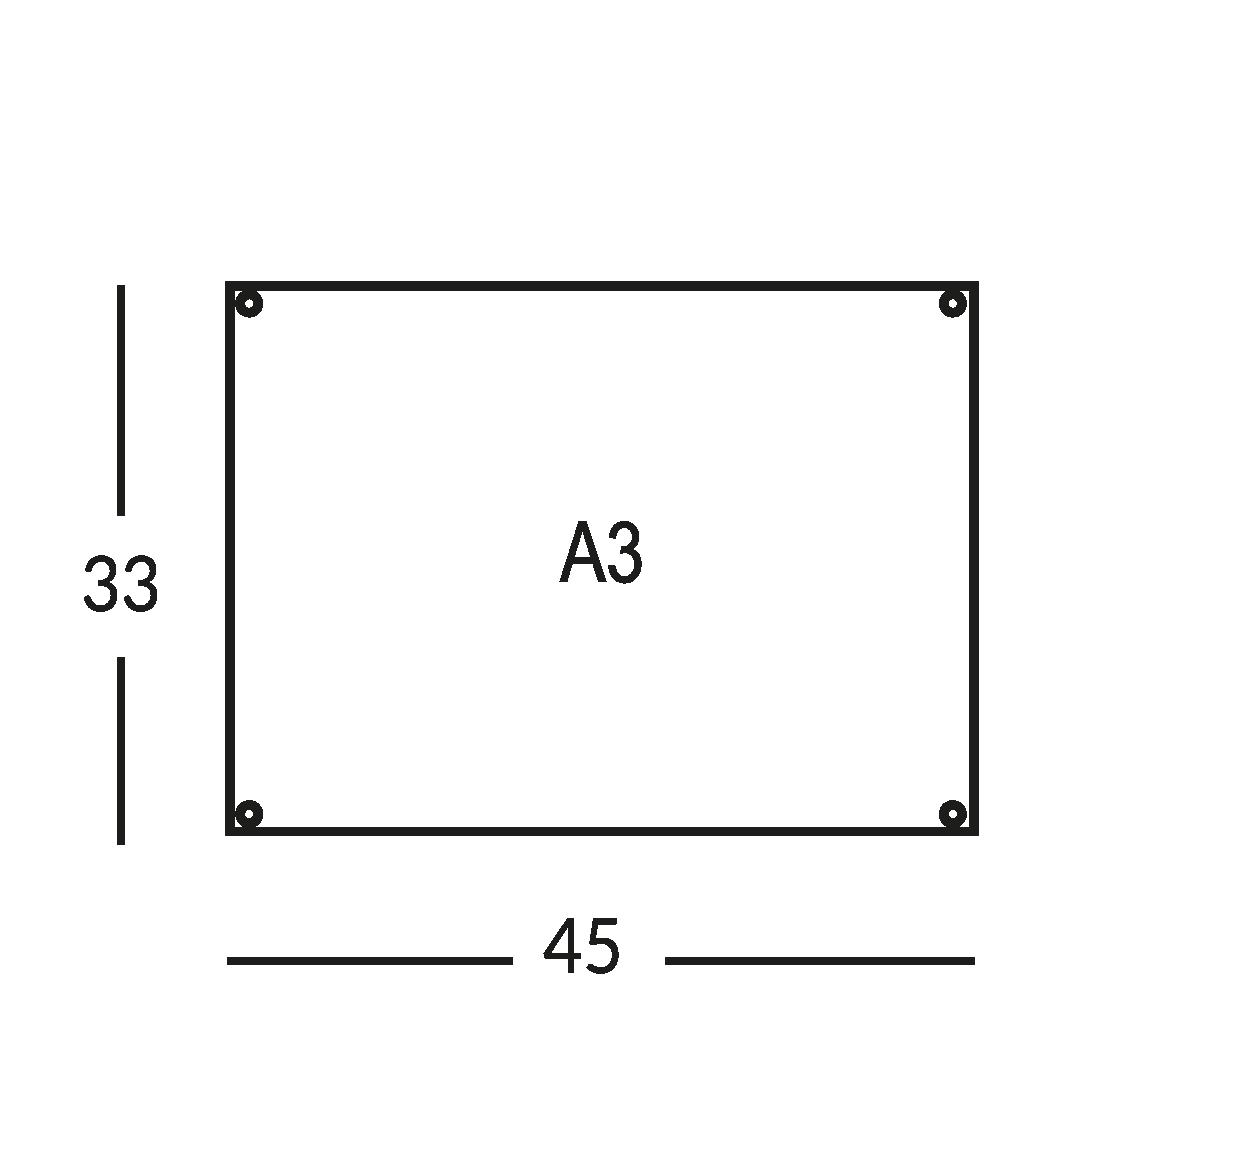 Supporti per planimetria sicurezza, realizzati in cristallo. Vie di esodo stampate in quadricromia. Formato A3